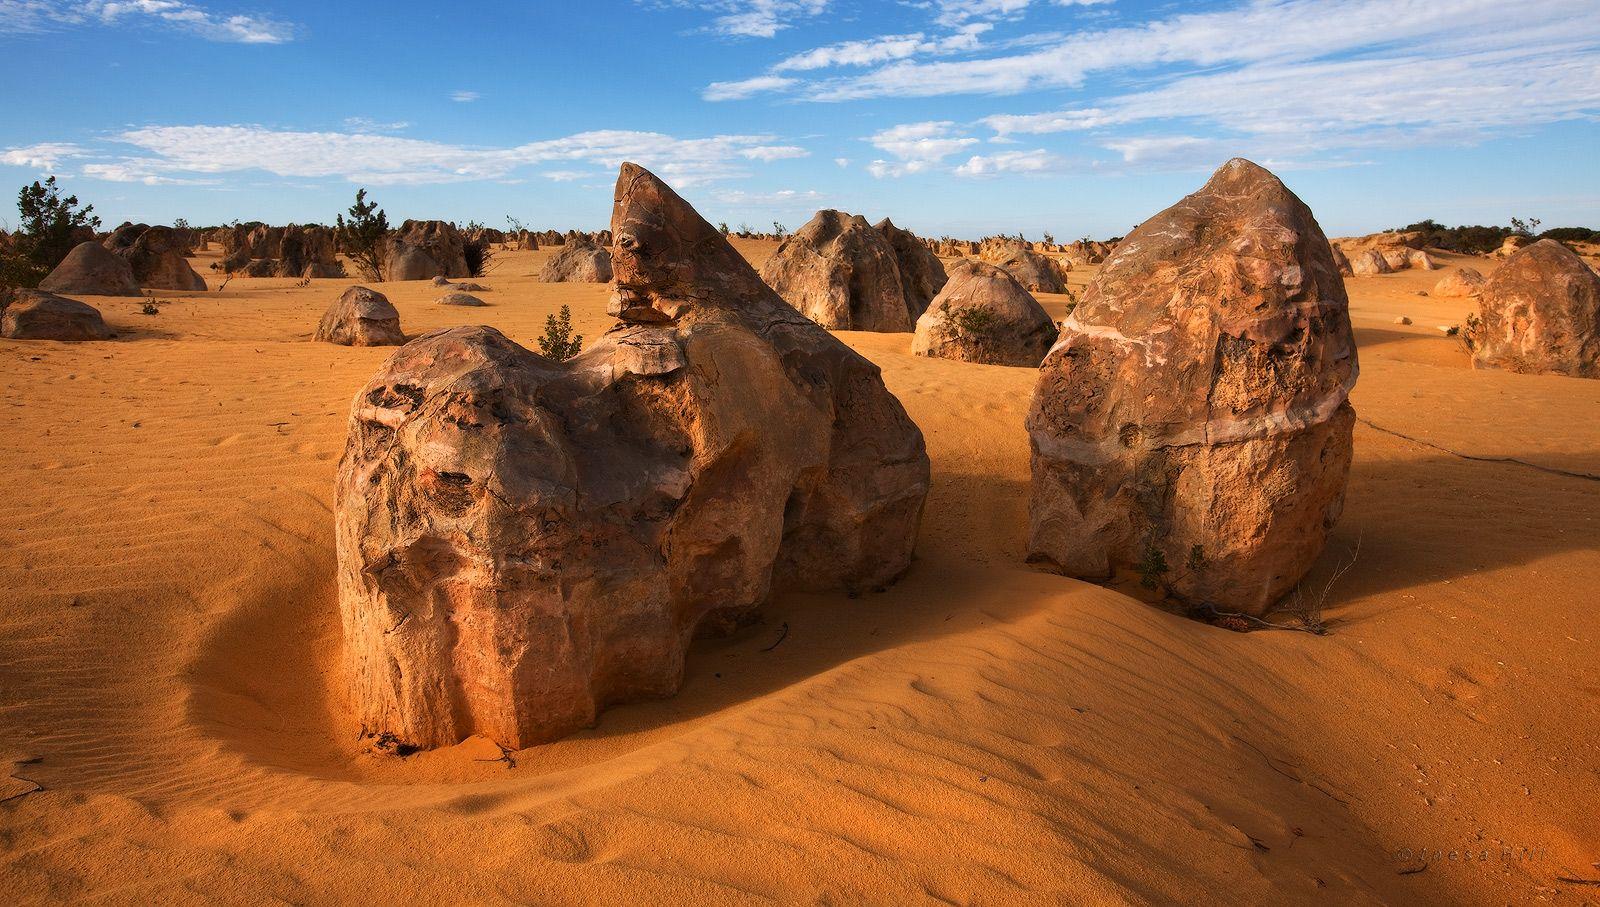 3. Что же такое Pinnacle Desert ? Это какаие-то сверхъестественные, довольно хрупкие образования из известняка в виде башенок, которые спонтанно разбросаны по огромной территории желто-оранжевых песчаных дюн.